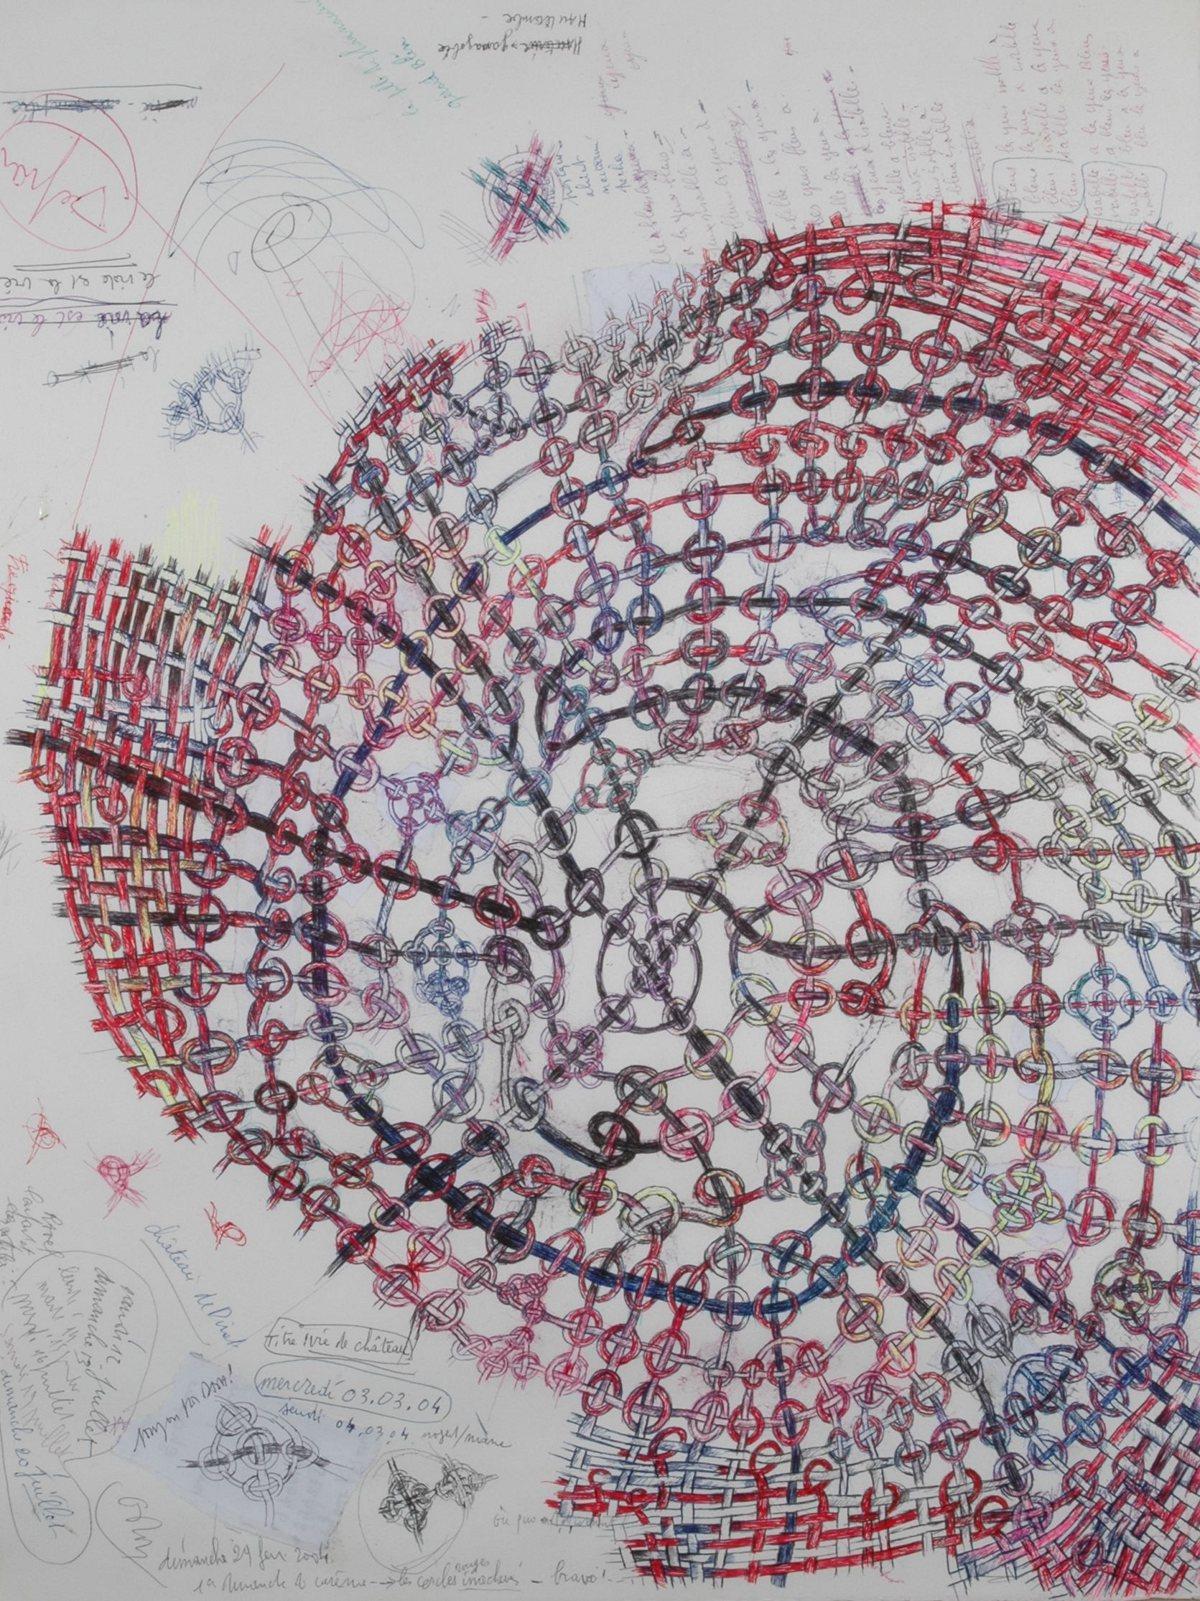 Vie de château, techniques mixtes@sur papier (65 x 50 cm)